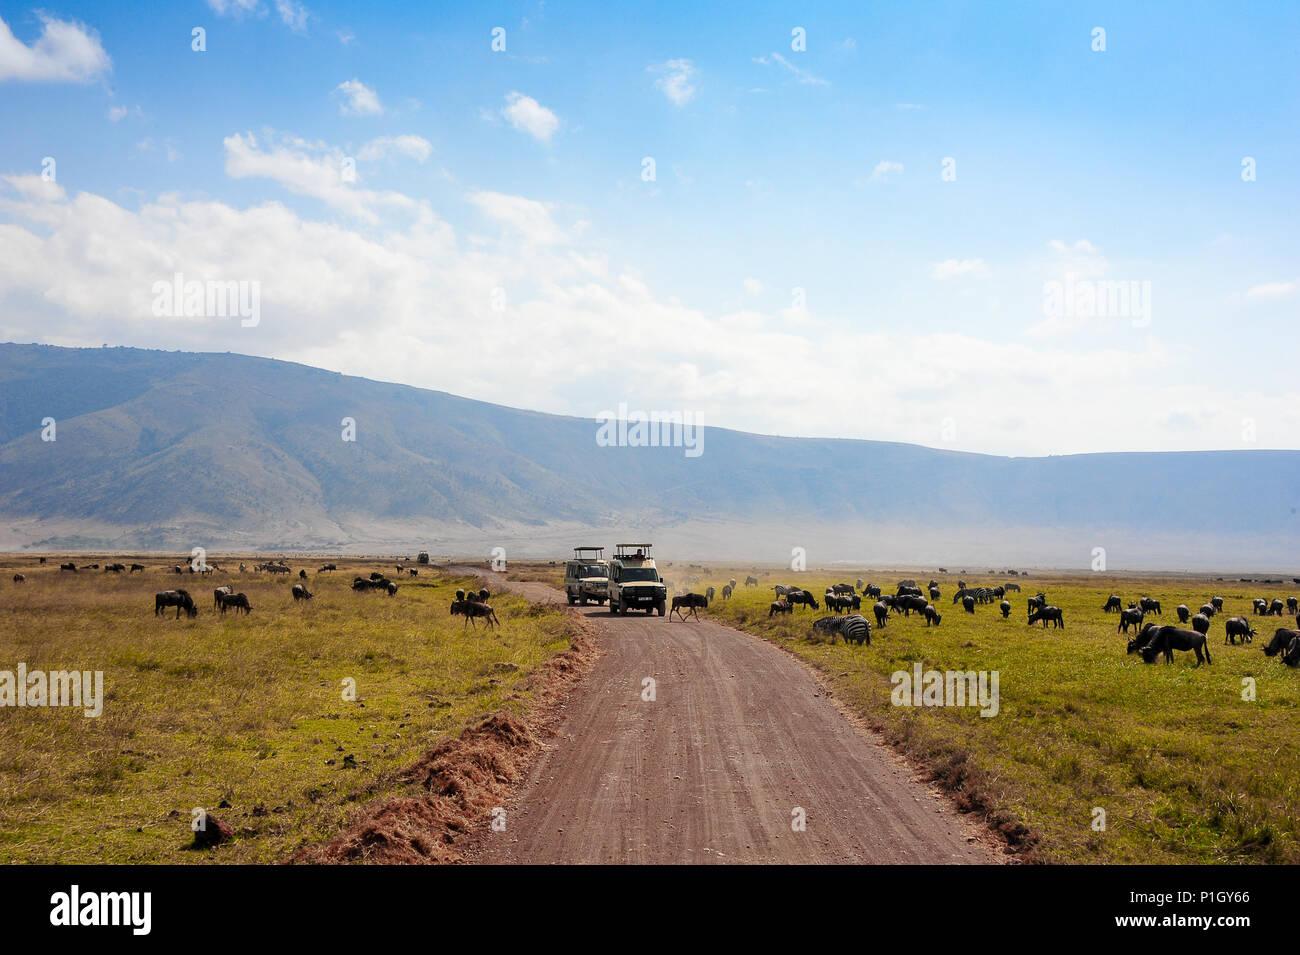 Gnus und Zebras grasen auf einer staubigen Ebene vor der Wartenden safari Fahrzeuge. Ngorongoro Nationalpark, Tansania, Afrika Stockbild